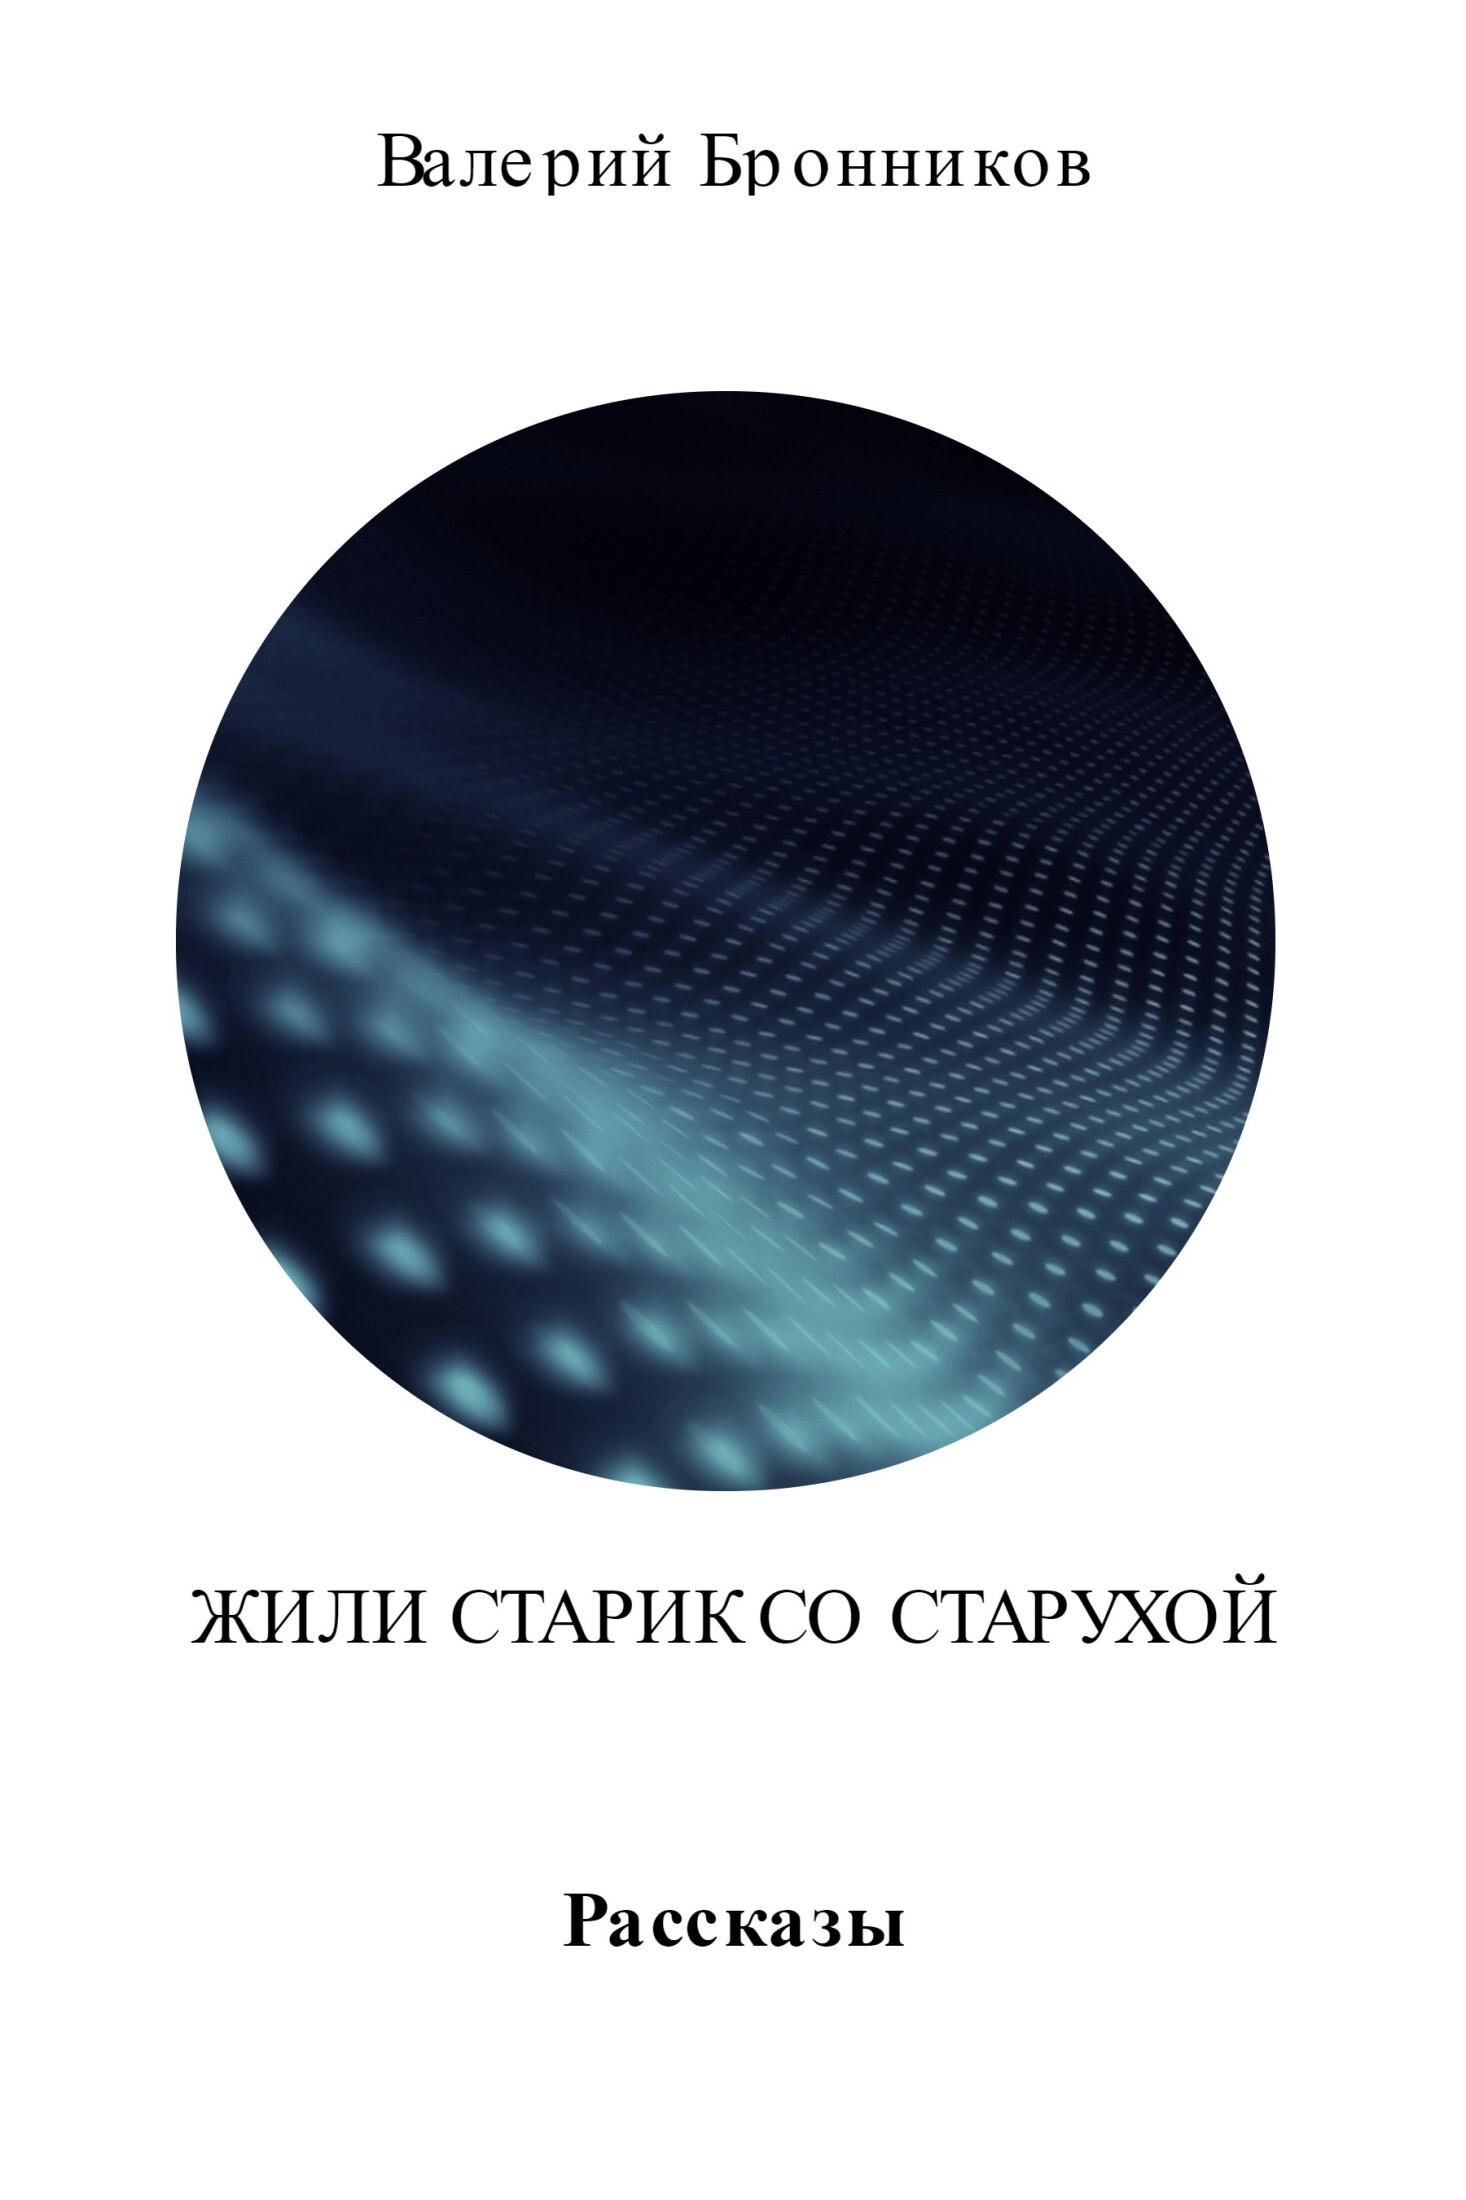 Валерий Викторович Бронников Жили старик со старухой. Сборник fenix плакат сельские жители